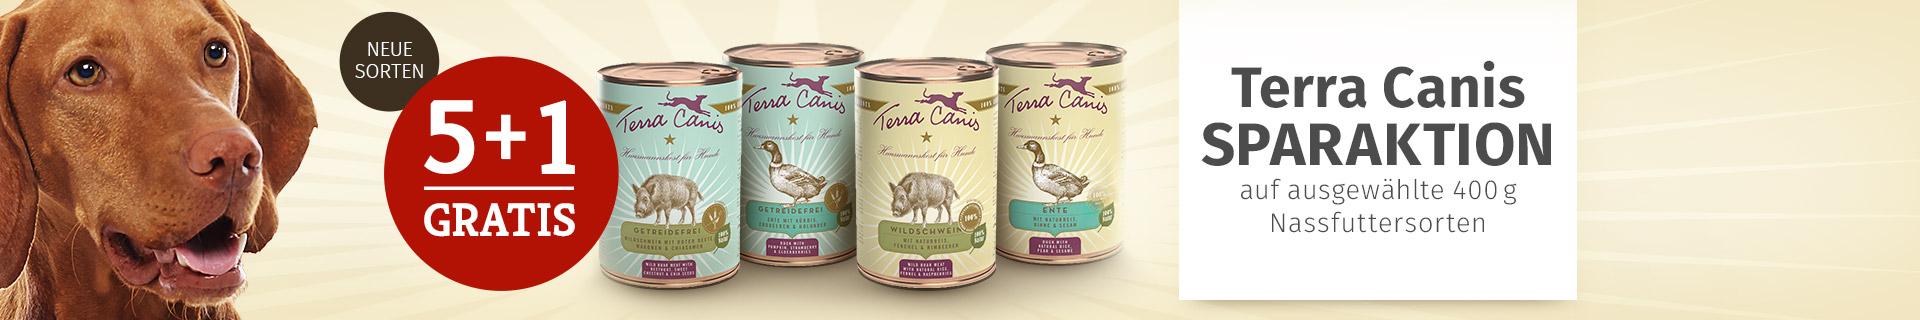 Terra Canis 5+1 Nassfutteraktion